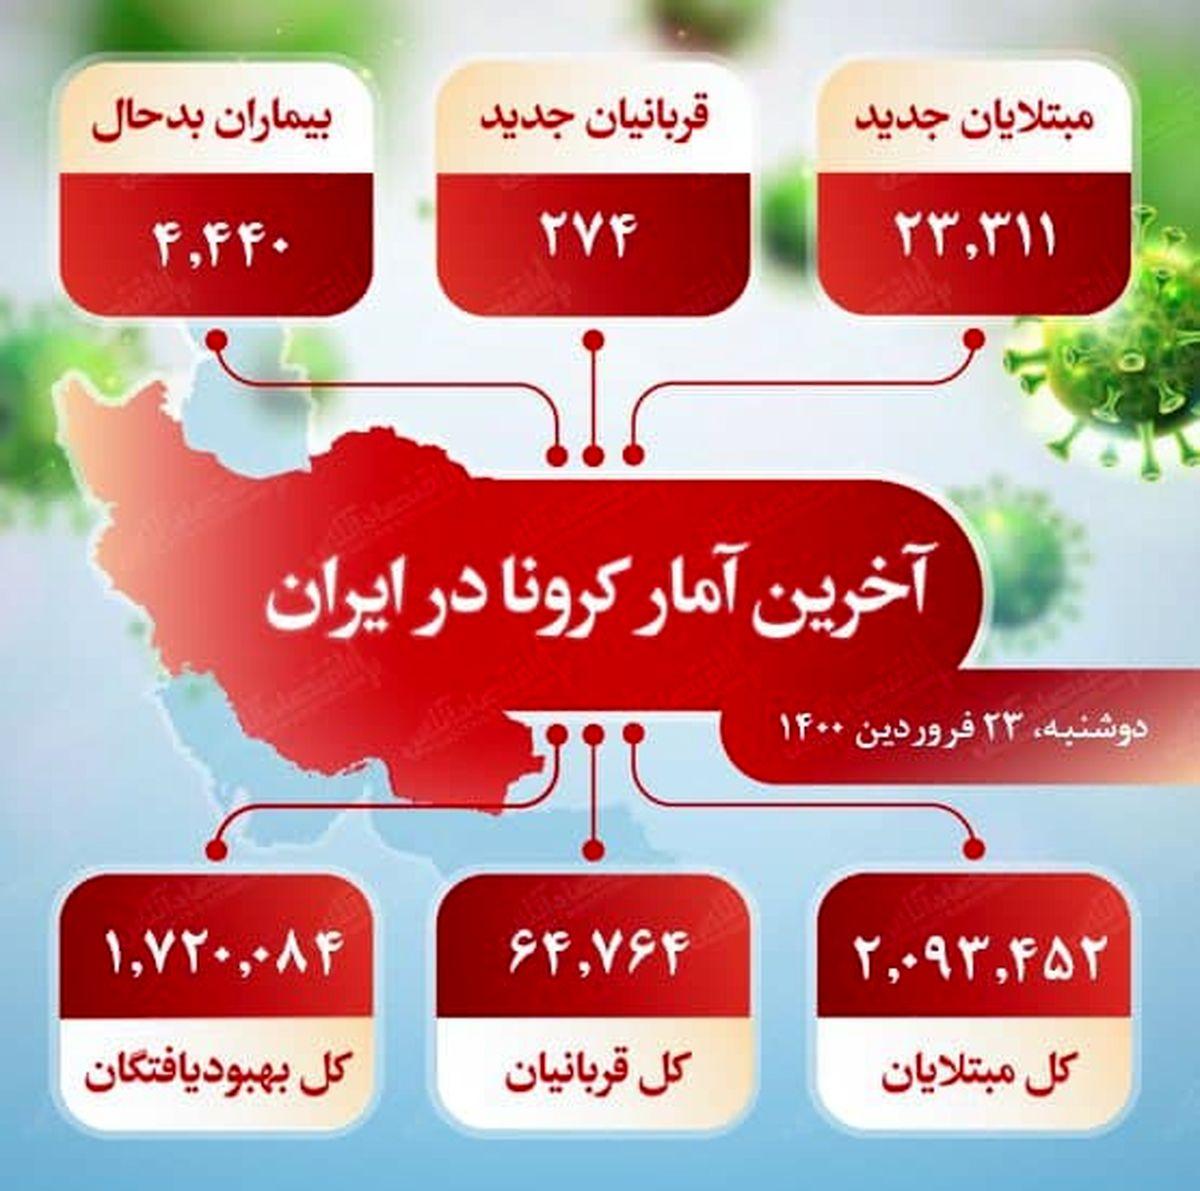 آخرین آمار کرونا در ایران (۱۴۰۰/۱/۲۳)